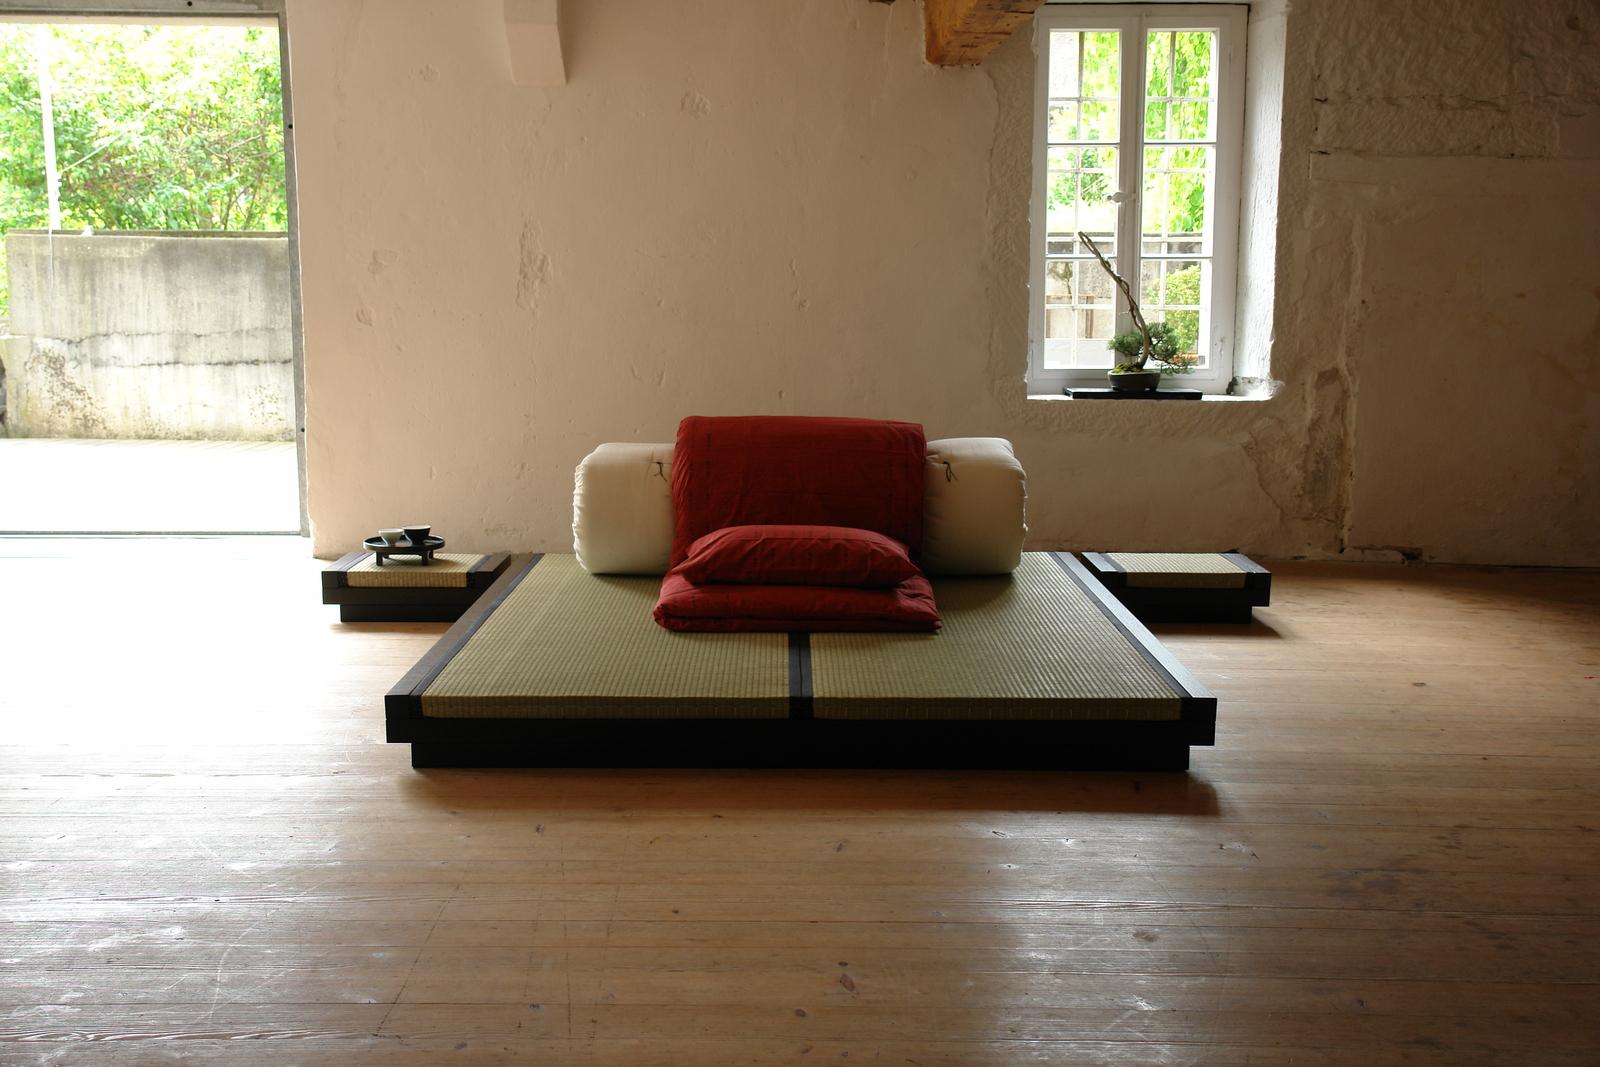 Full Size of Tatami Bett Japanshop Haiku 160 200x200 Weiß Eiche Sonoma Kopfteil Wohnwert Betten Günstig Kaufen Billige überlänge 120x200 Mit Bettkasten Schubladen Bett Tatami Bett